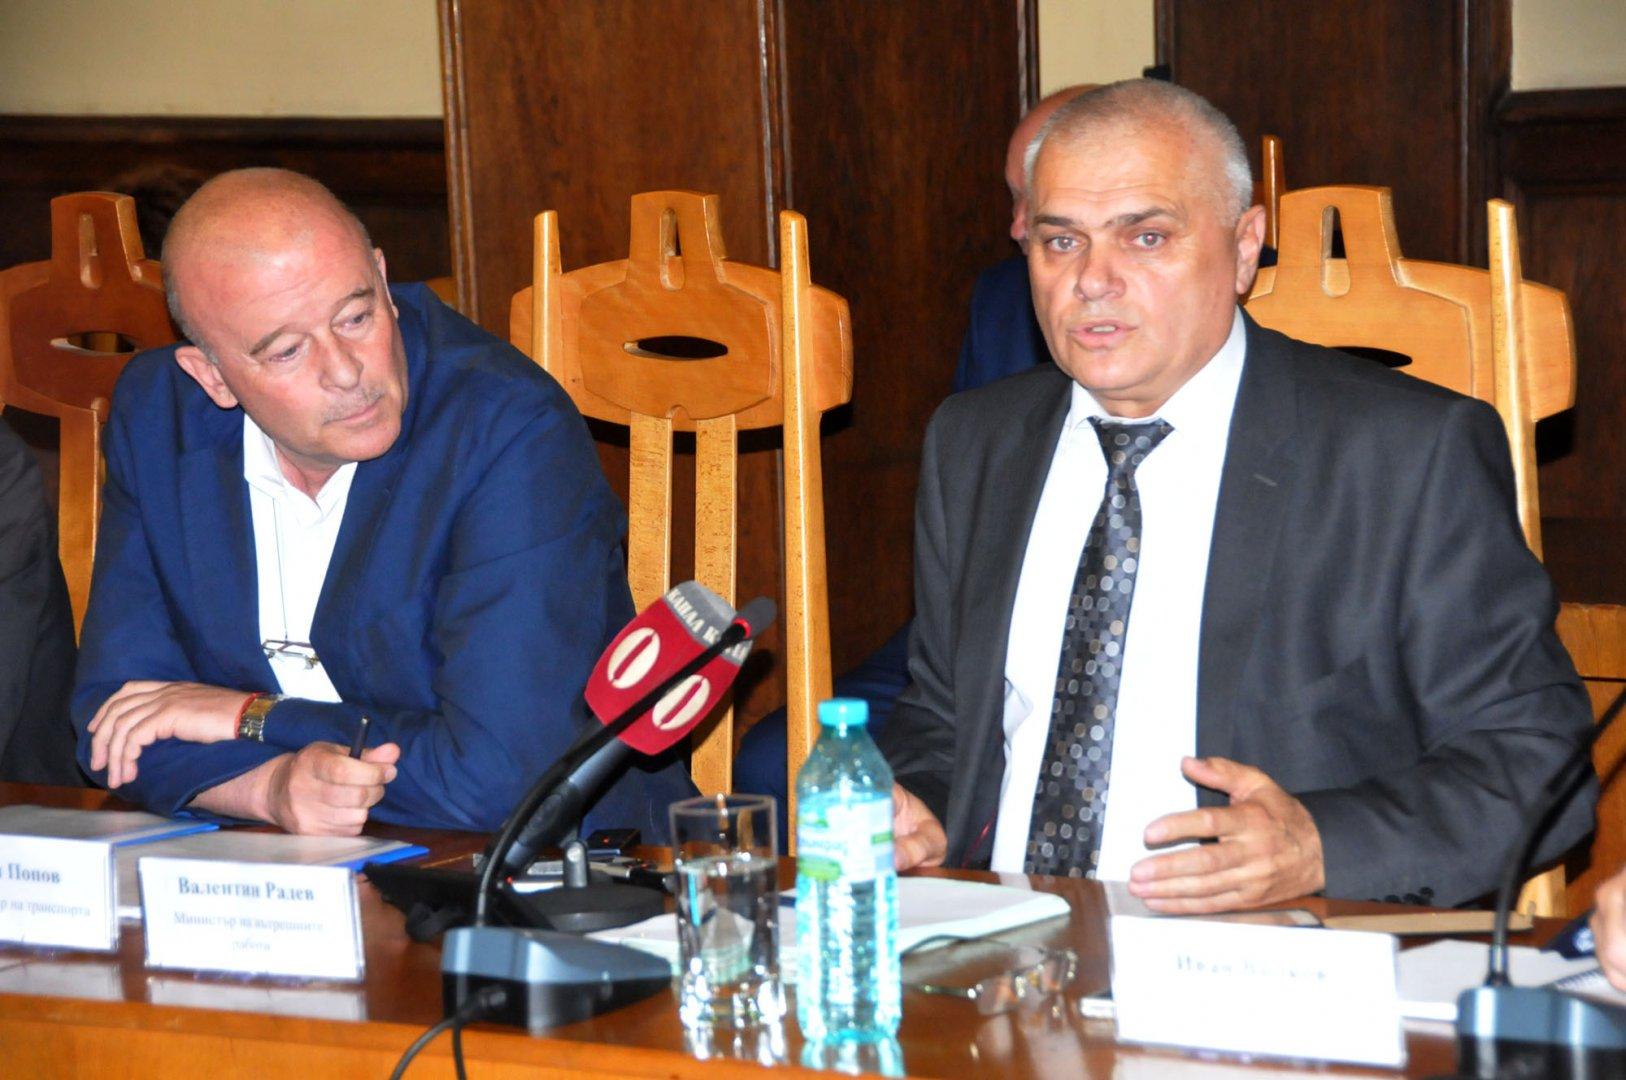 МВР министърът (вдясно) участва в общественото обсъждане в Бургас. Снимки Лина Главинова